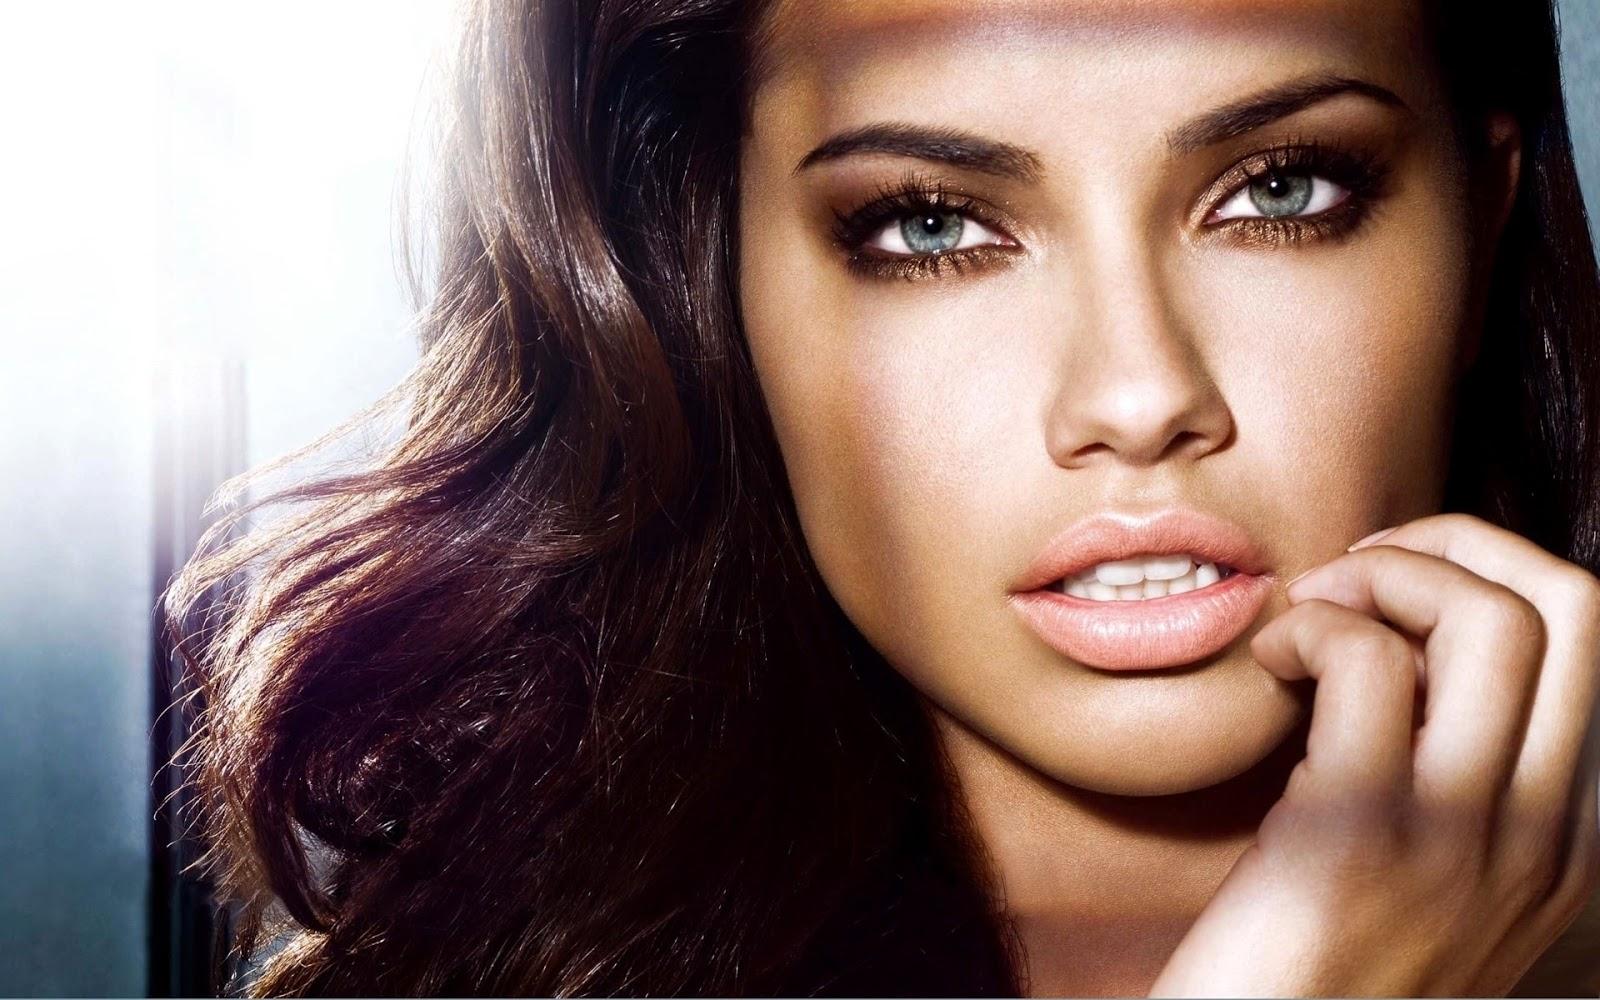 http://2.bp.blogspot.com/-n_Jzd5w3pQM/UOASsJsKfpI/AAAAAAAAMJ4/S3oNCLoNA-Q/s1600/Adriana-Lima-Beautiful-Portrait-1200.jpg